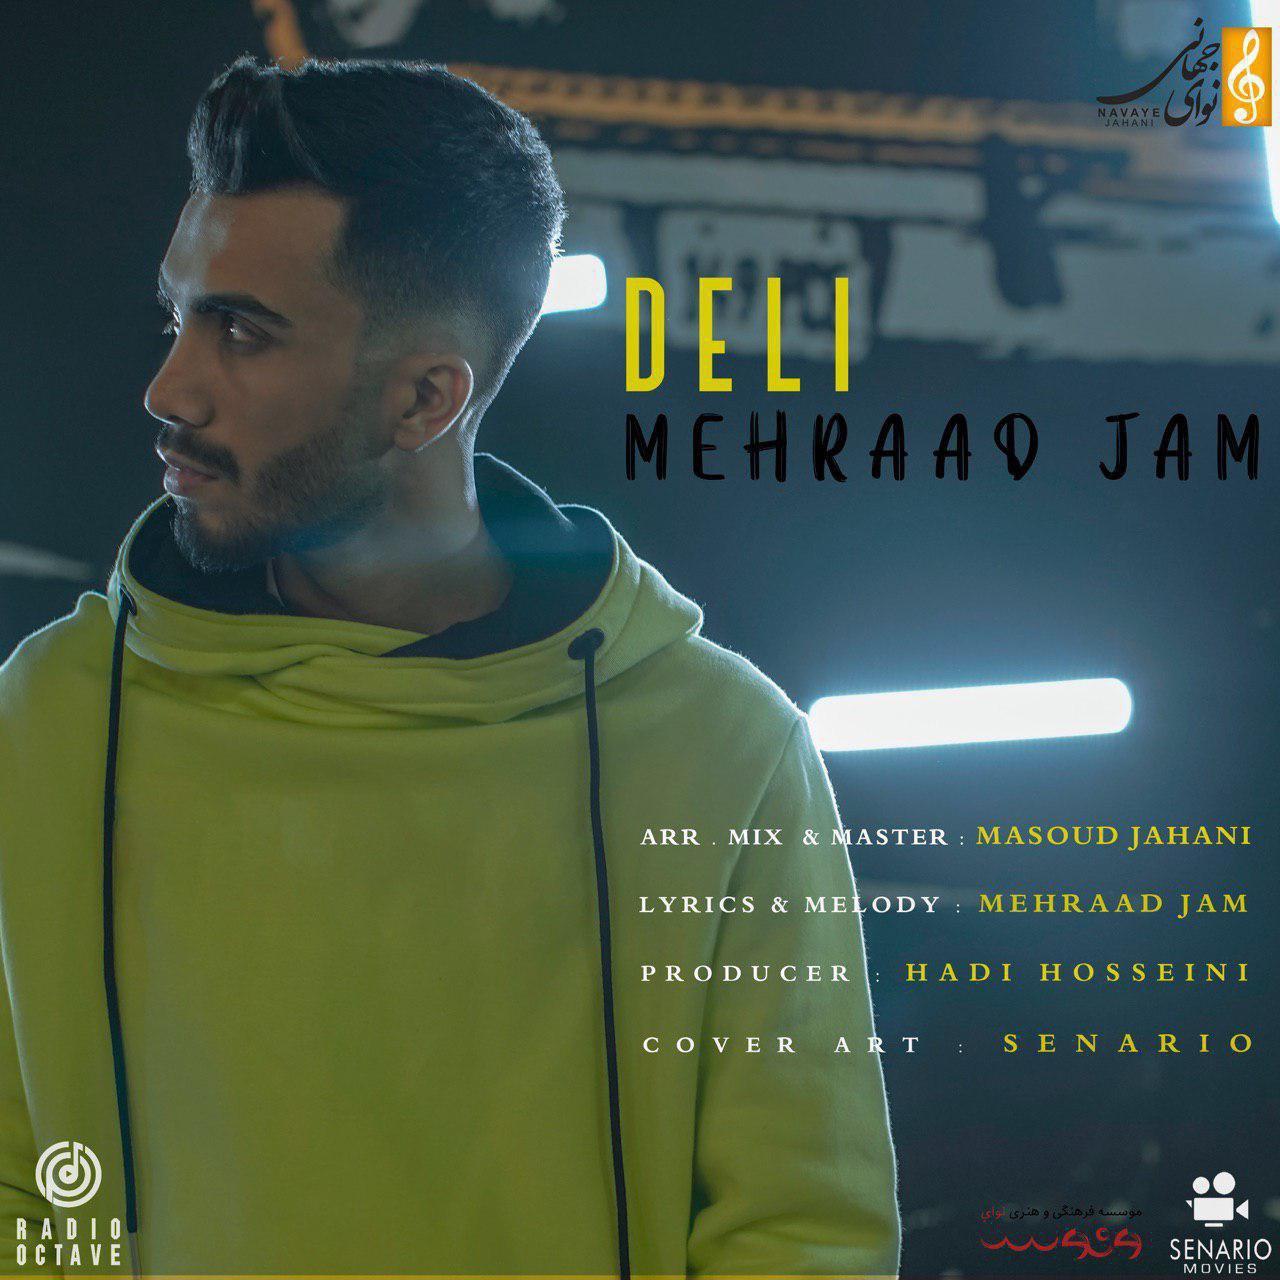 Mehraad Jam - Deli - دانلود آهنگ مهراد جم به نام دلی